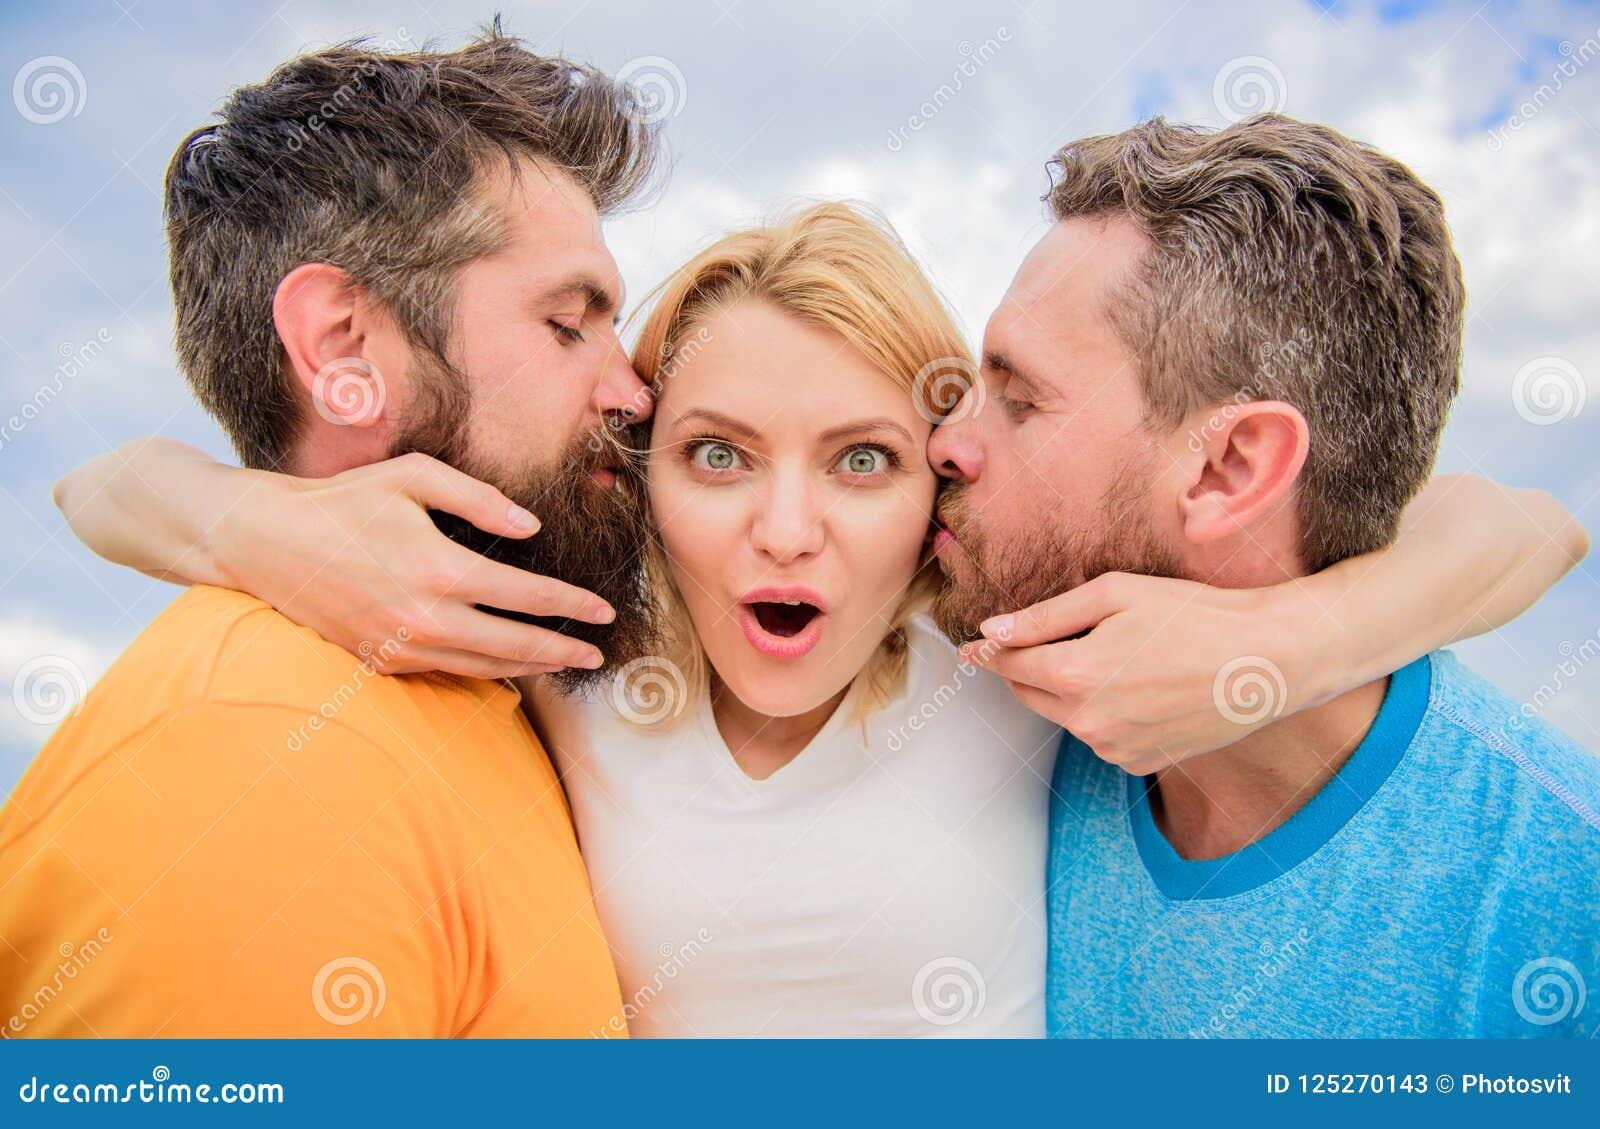 Ultimate Guide Avoiding Friend Zone  Men Kiss Same Girl